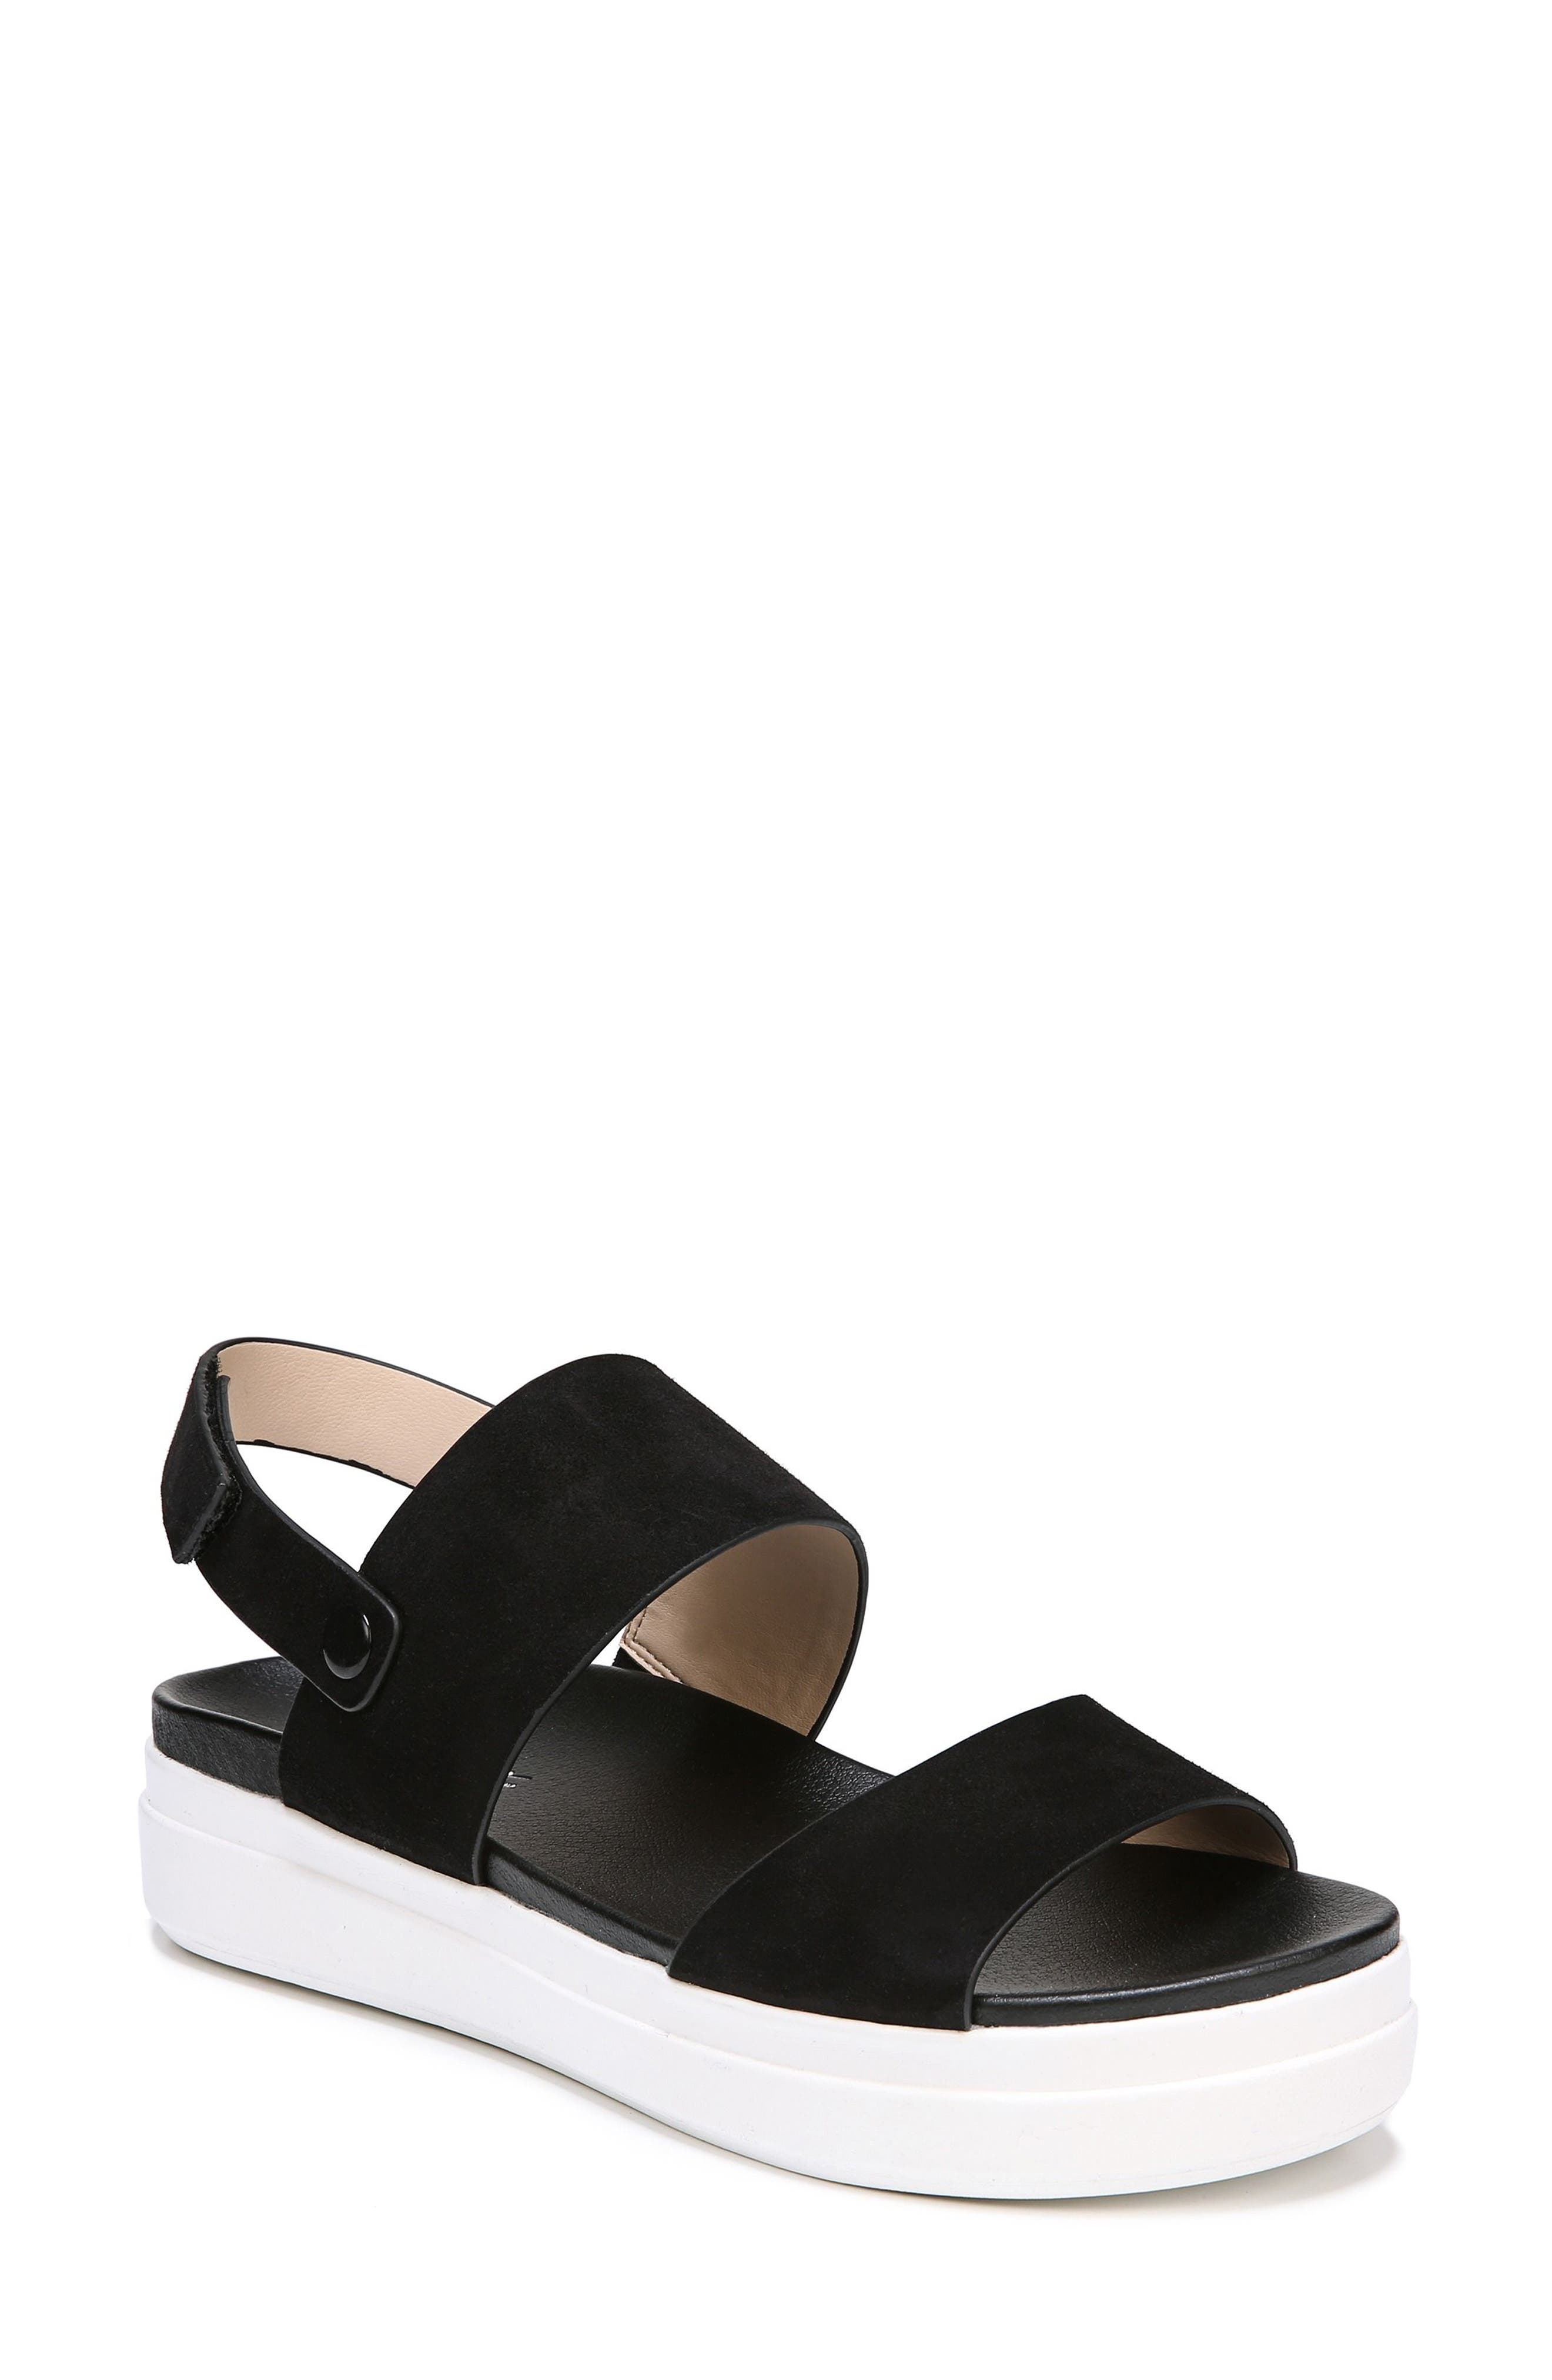 Scout Platform Sandal,                         Main,                         color, BLACK SUEDE